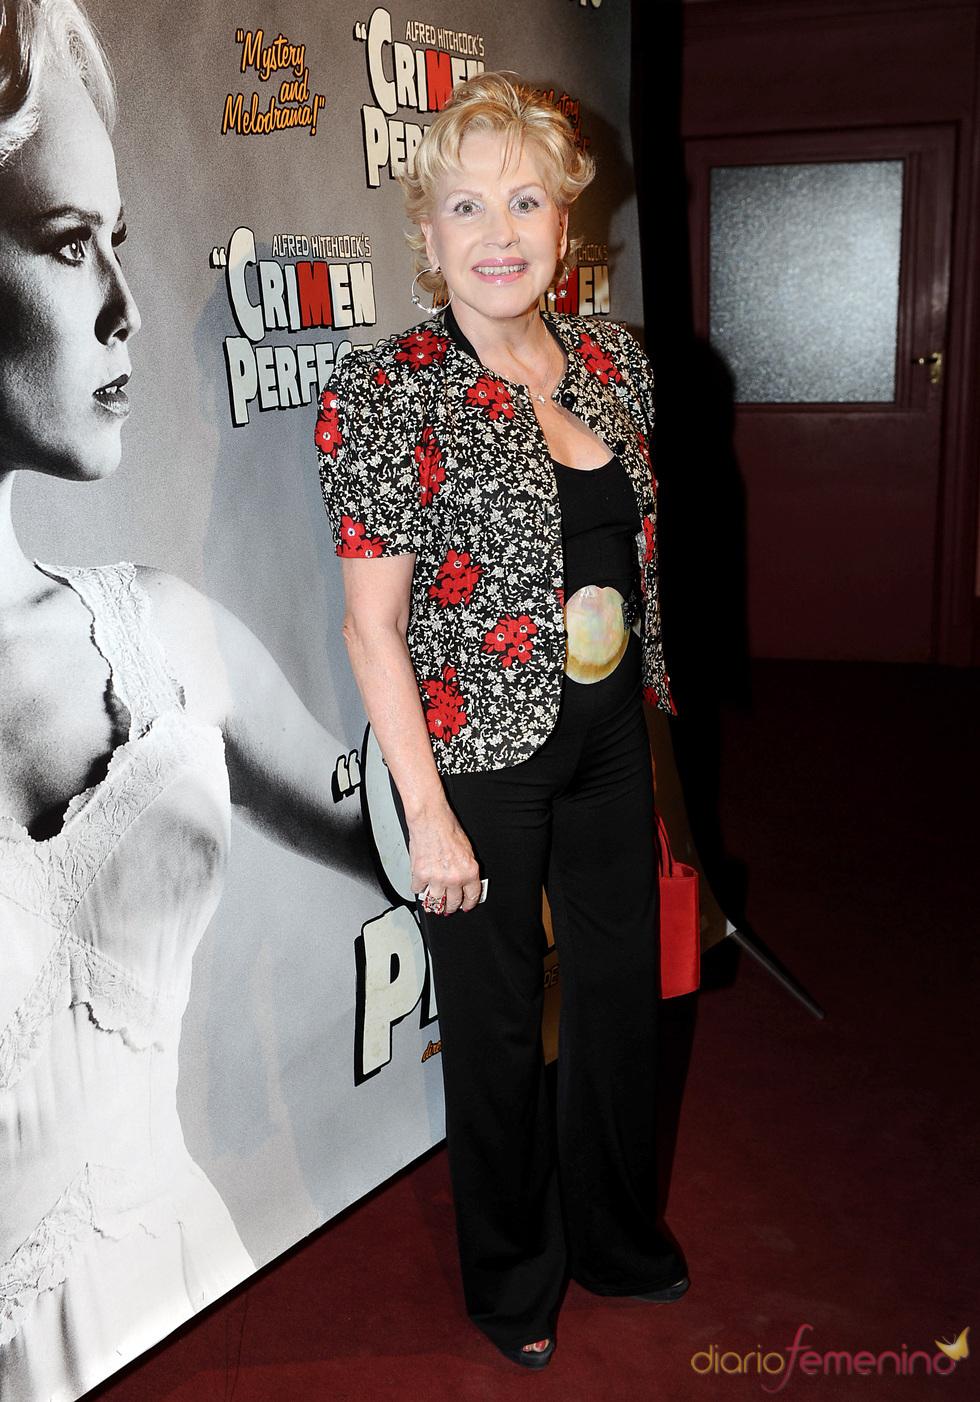 Marili Coll en el estreno de 'Crimen perfecto' en Madrid